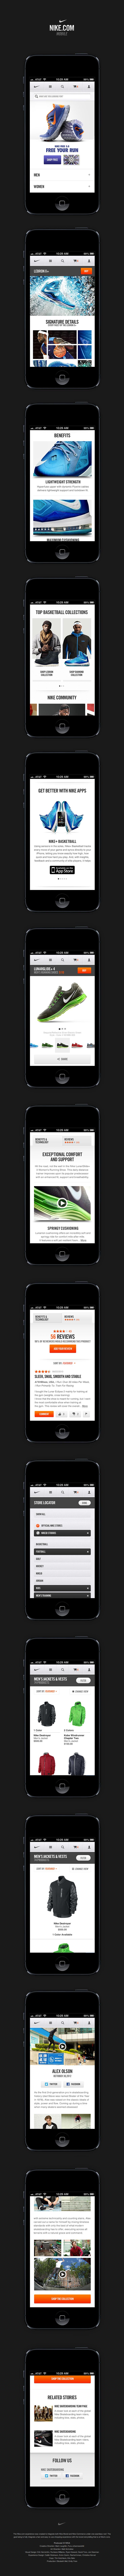 Nike.com - Mobile http://www.behance.net/gallery